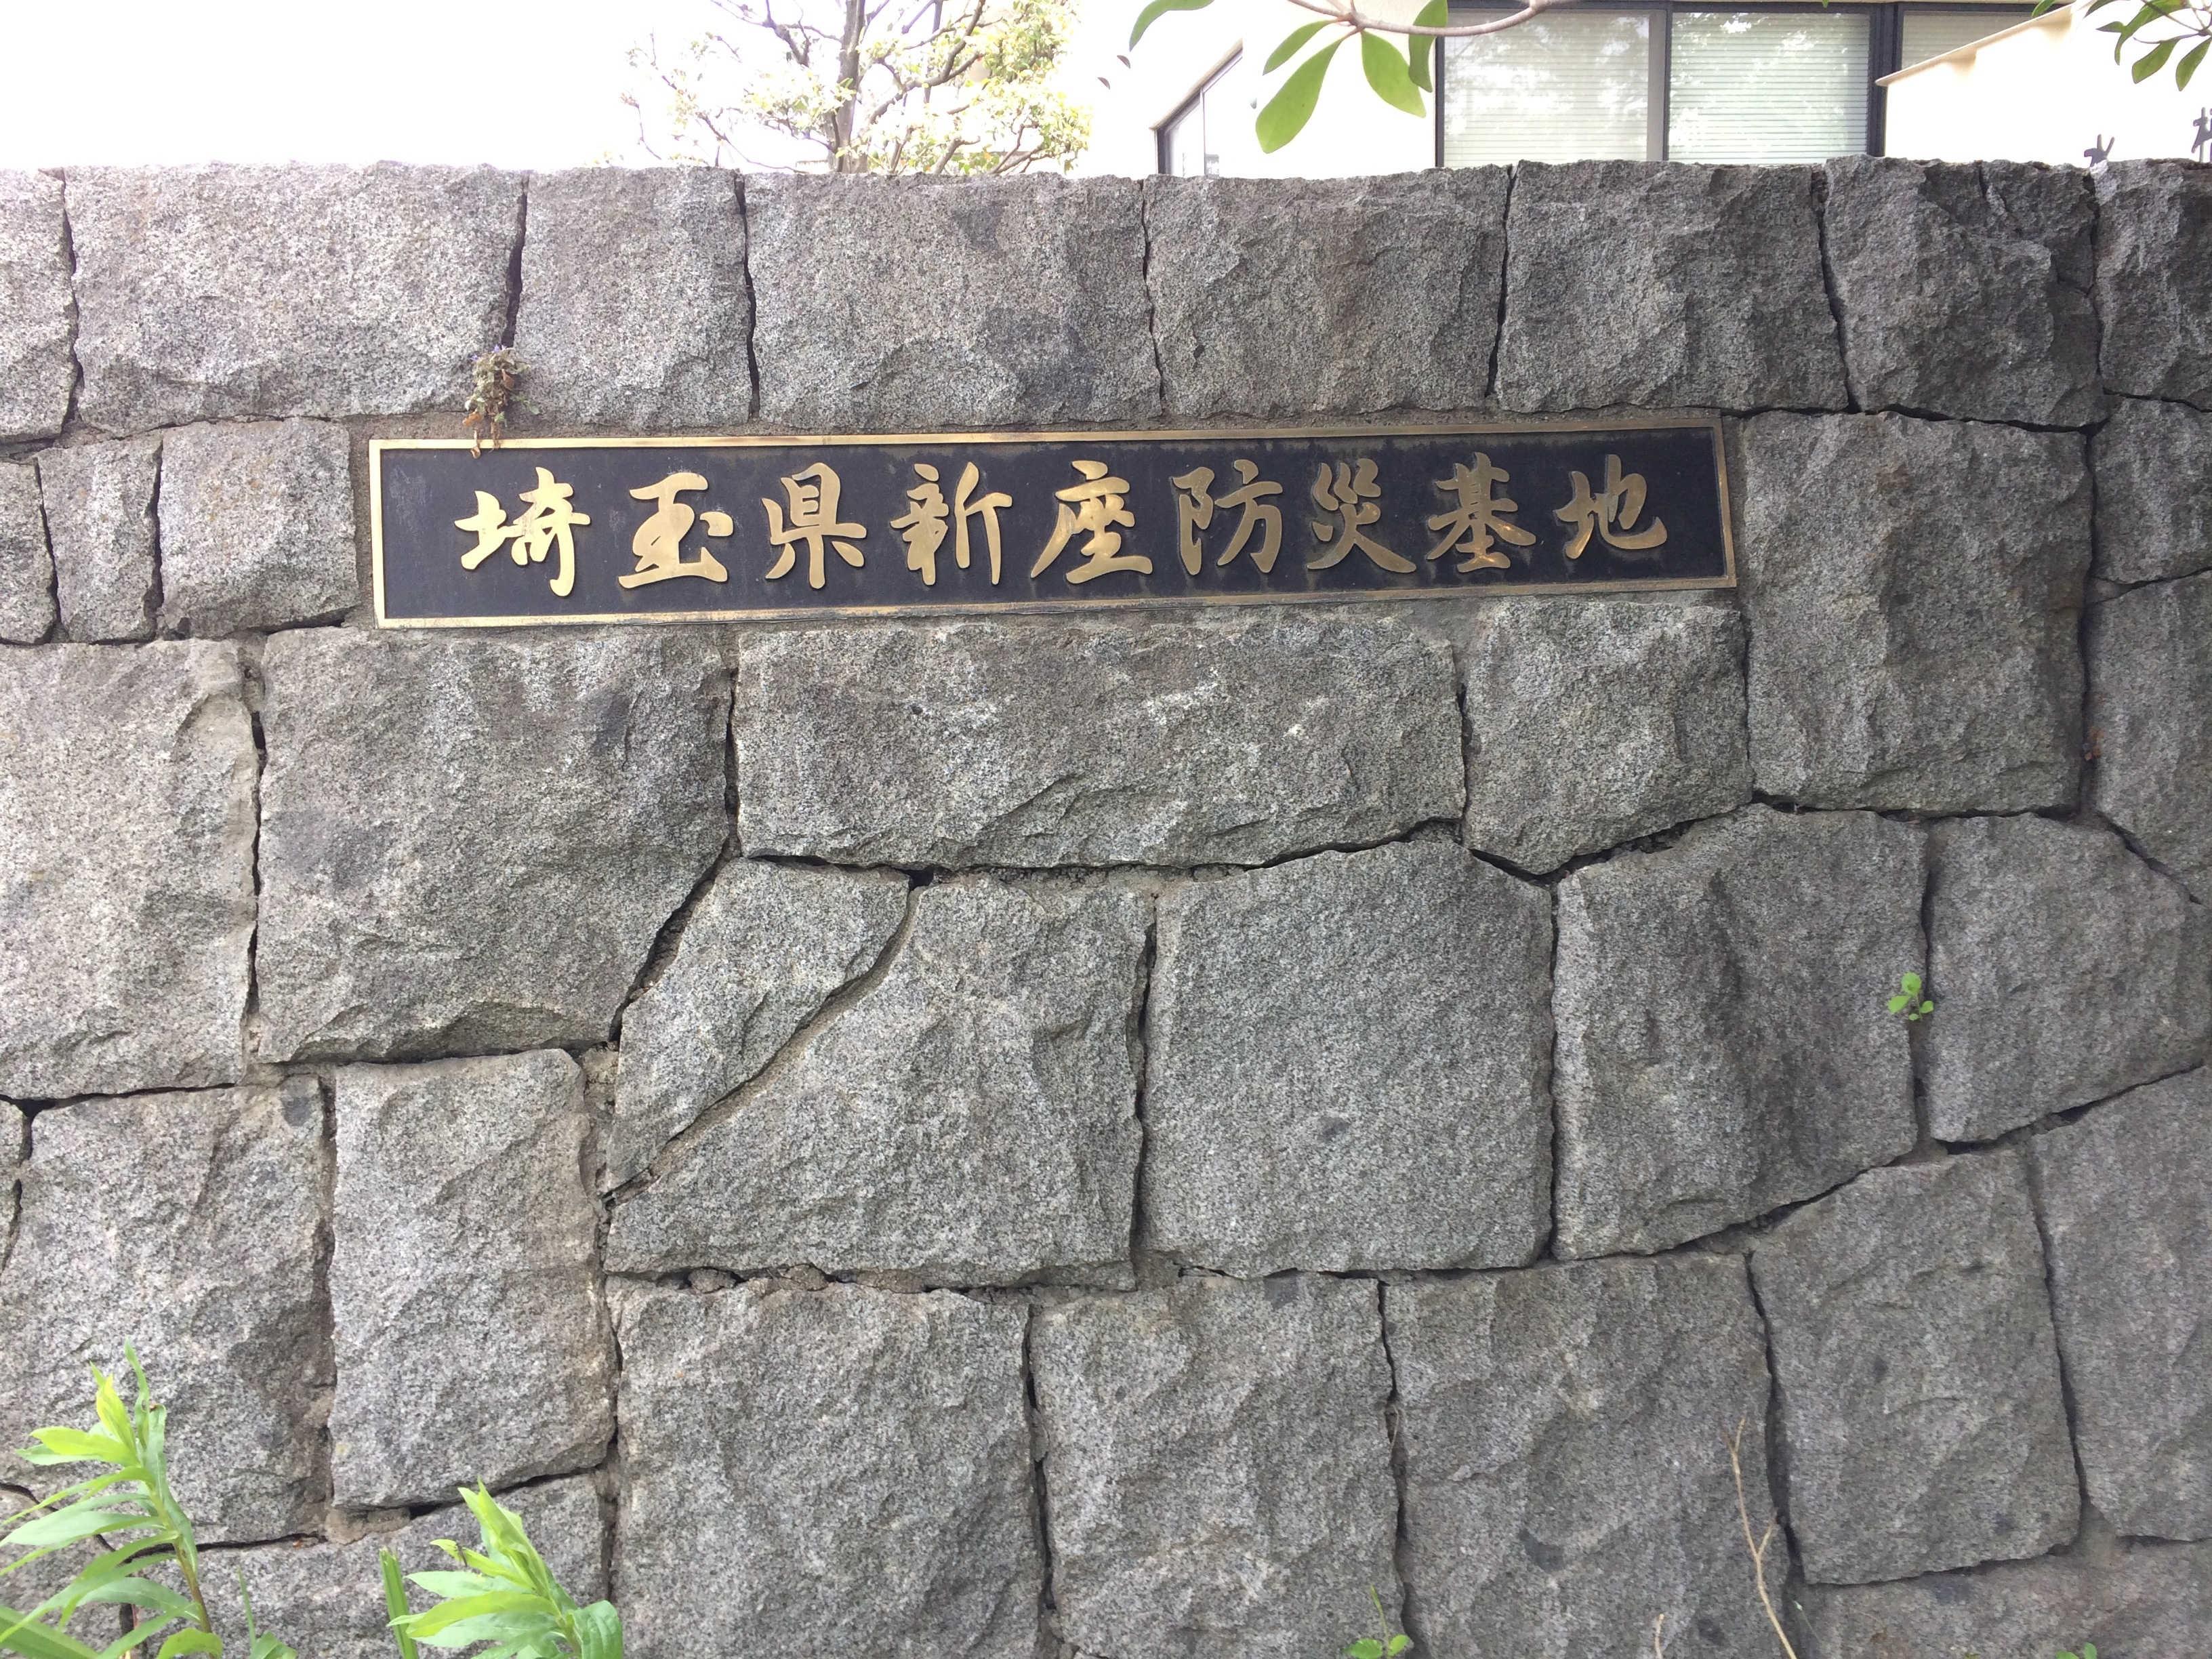 埼玉県新座防災基地